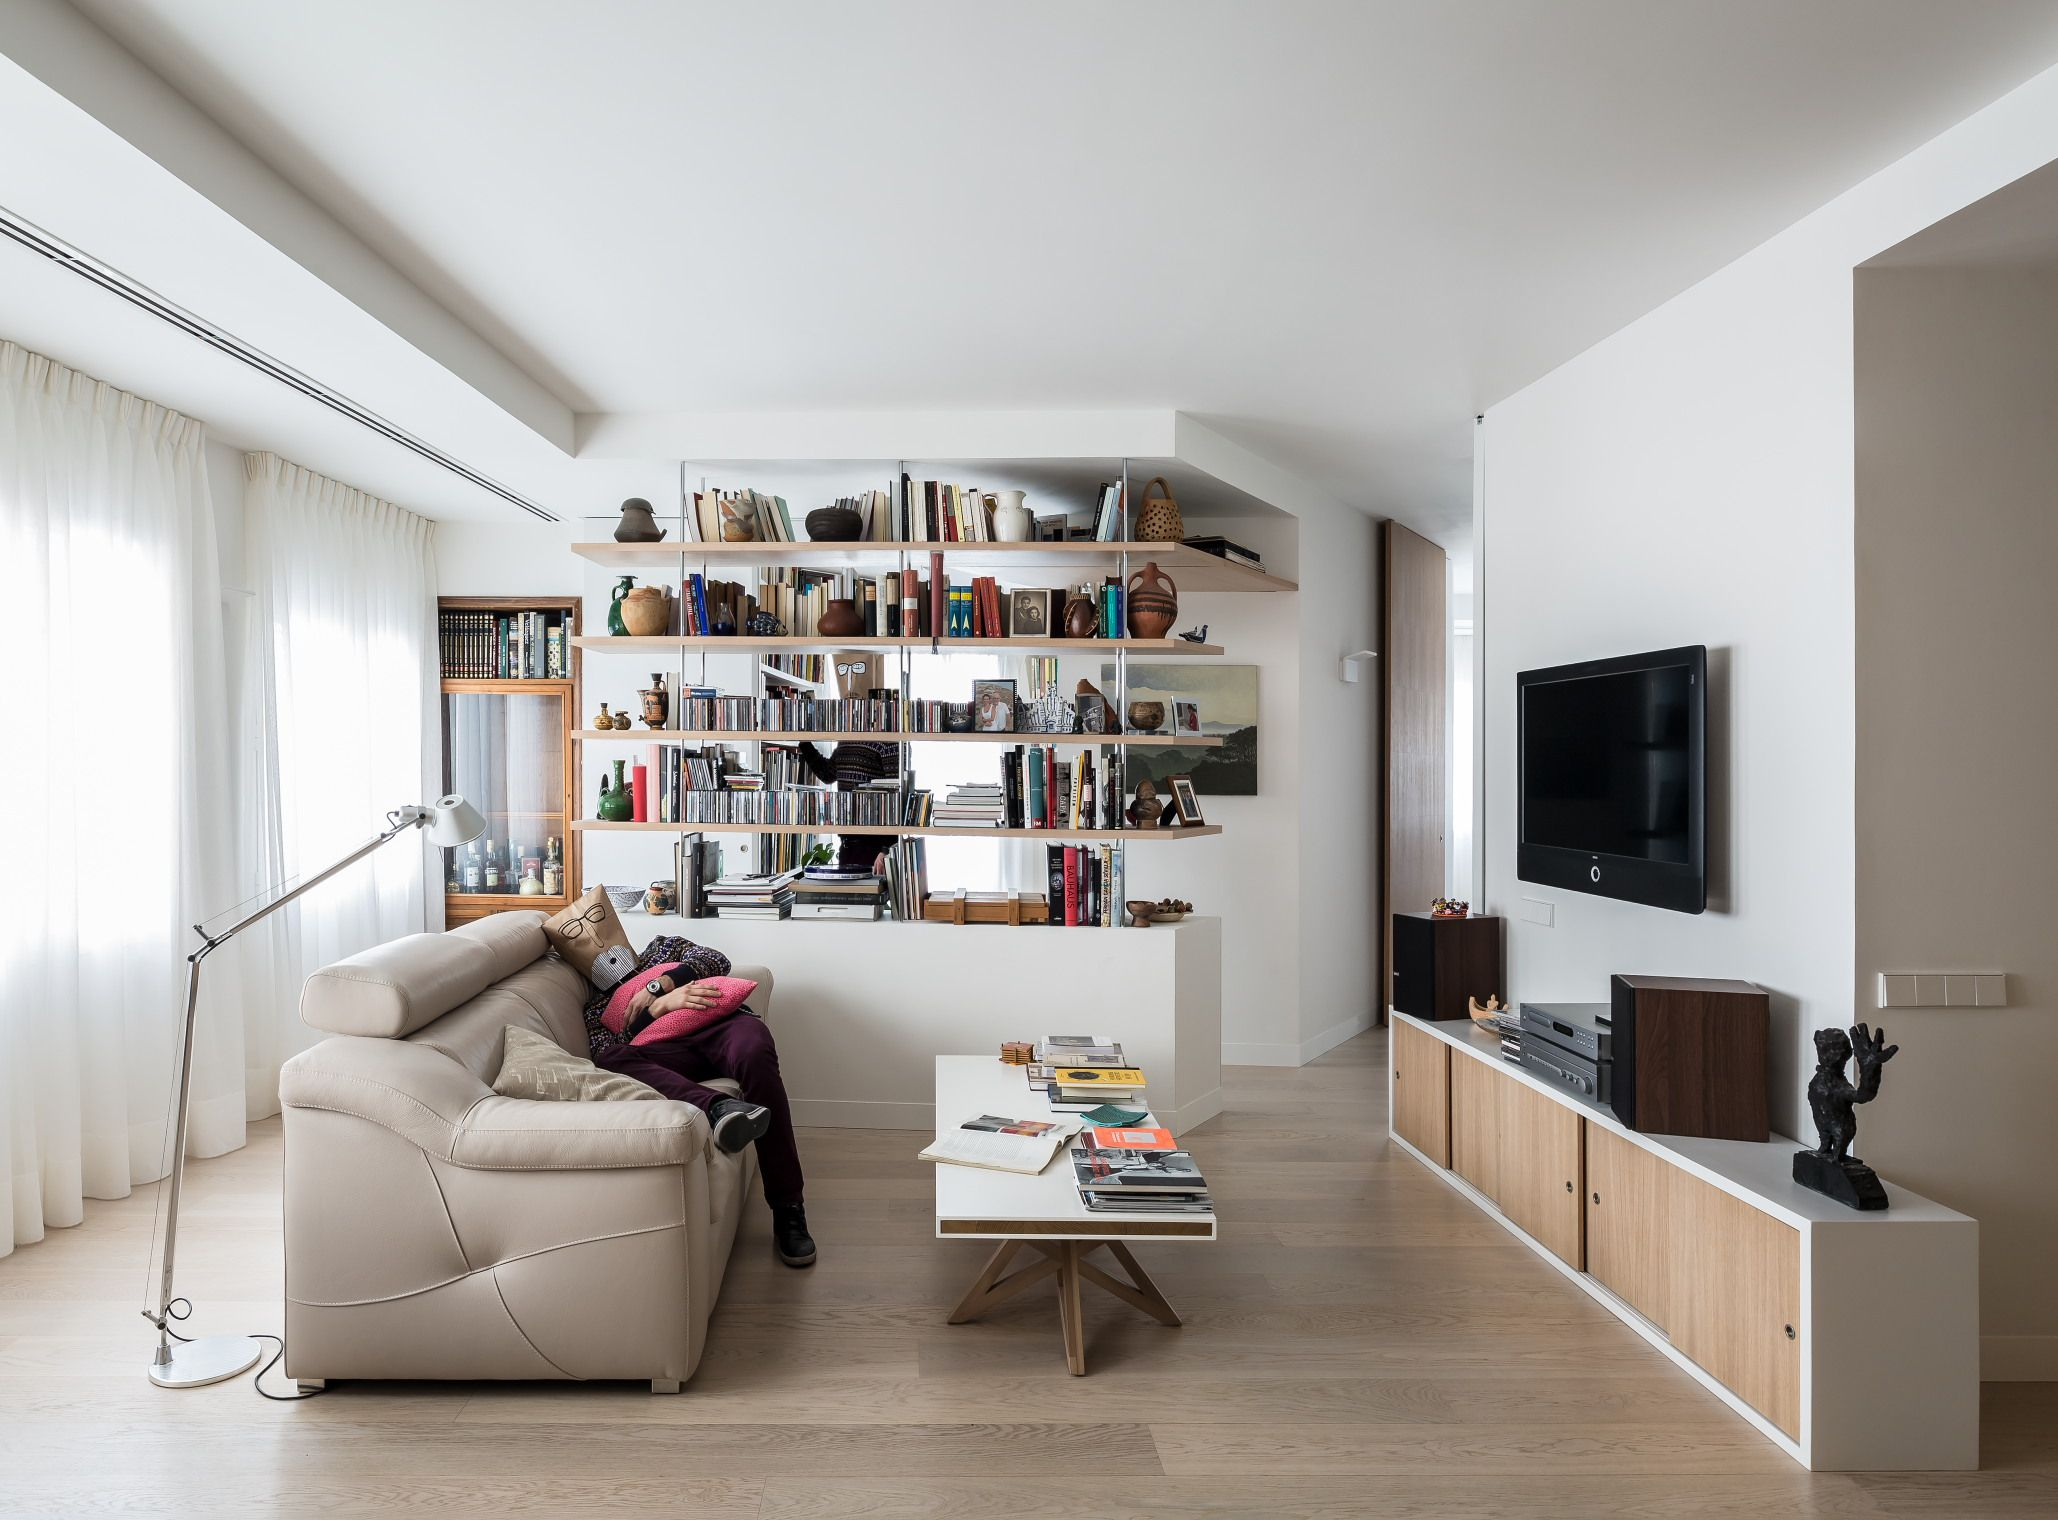 selecta home vivienda en alicante Arquitectos en Valencia dise o